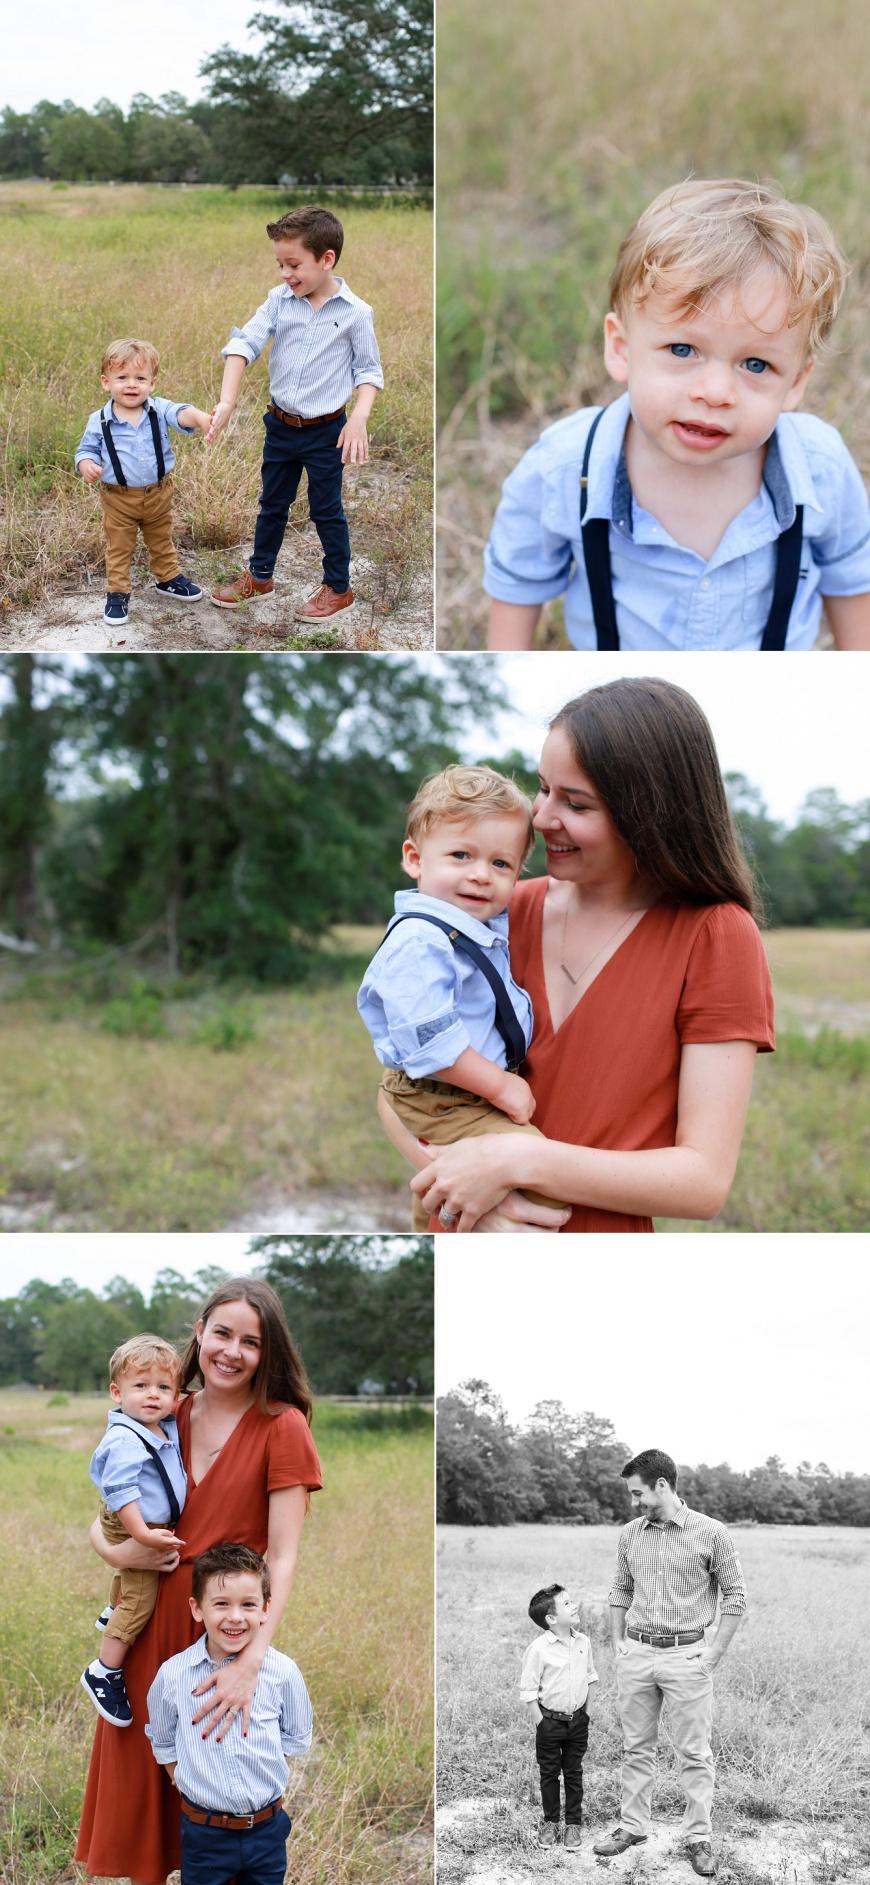 White-Point-Park-Niceville-Florida-Family-Photographer_1005.jpg